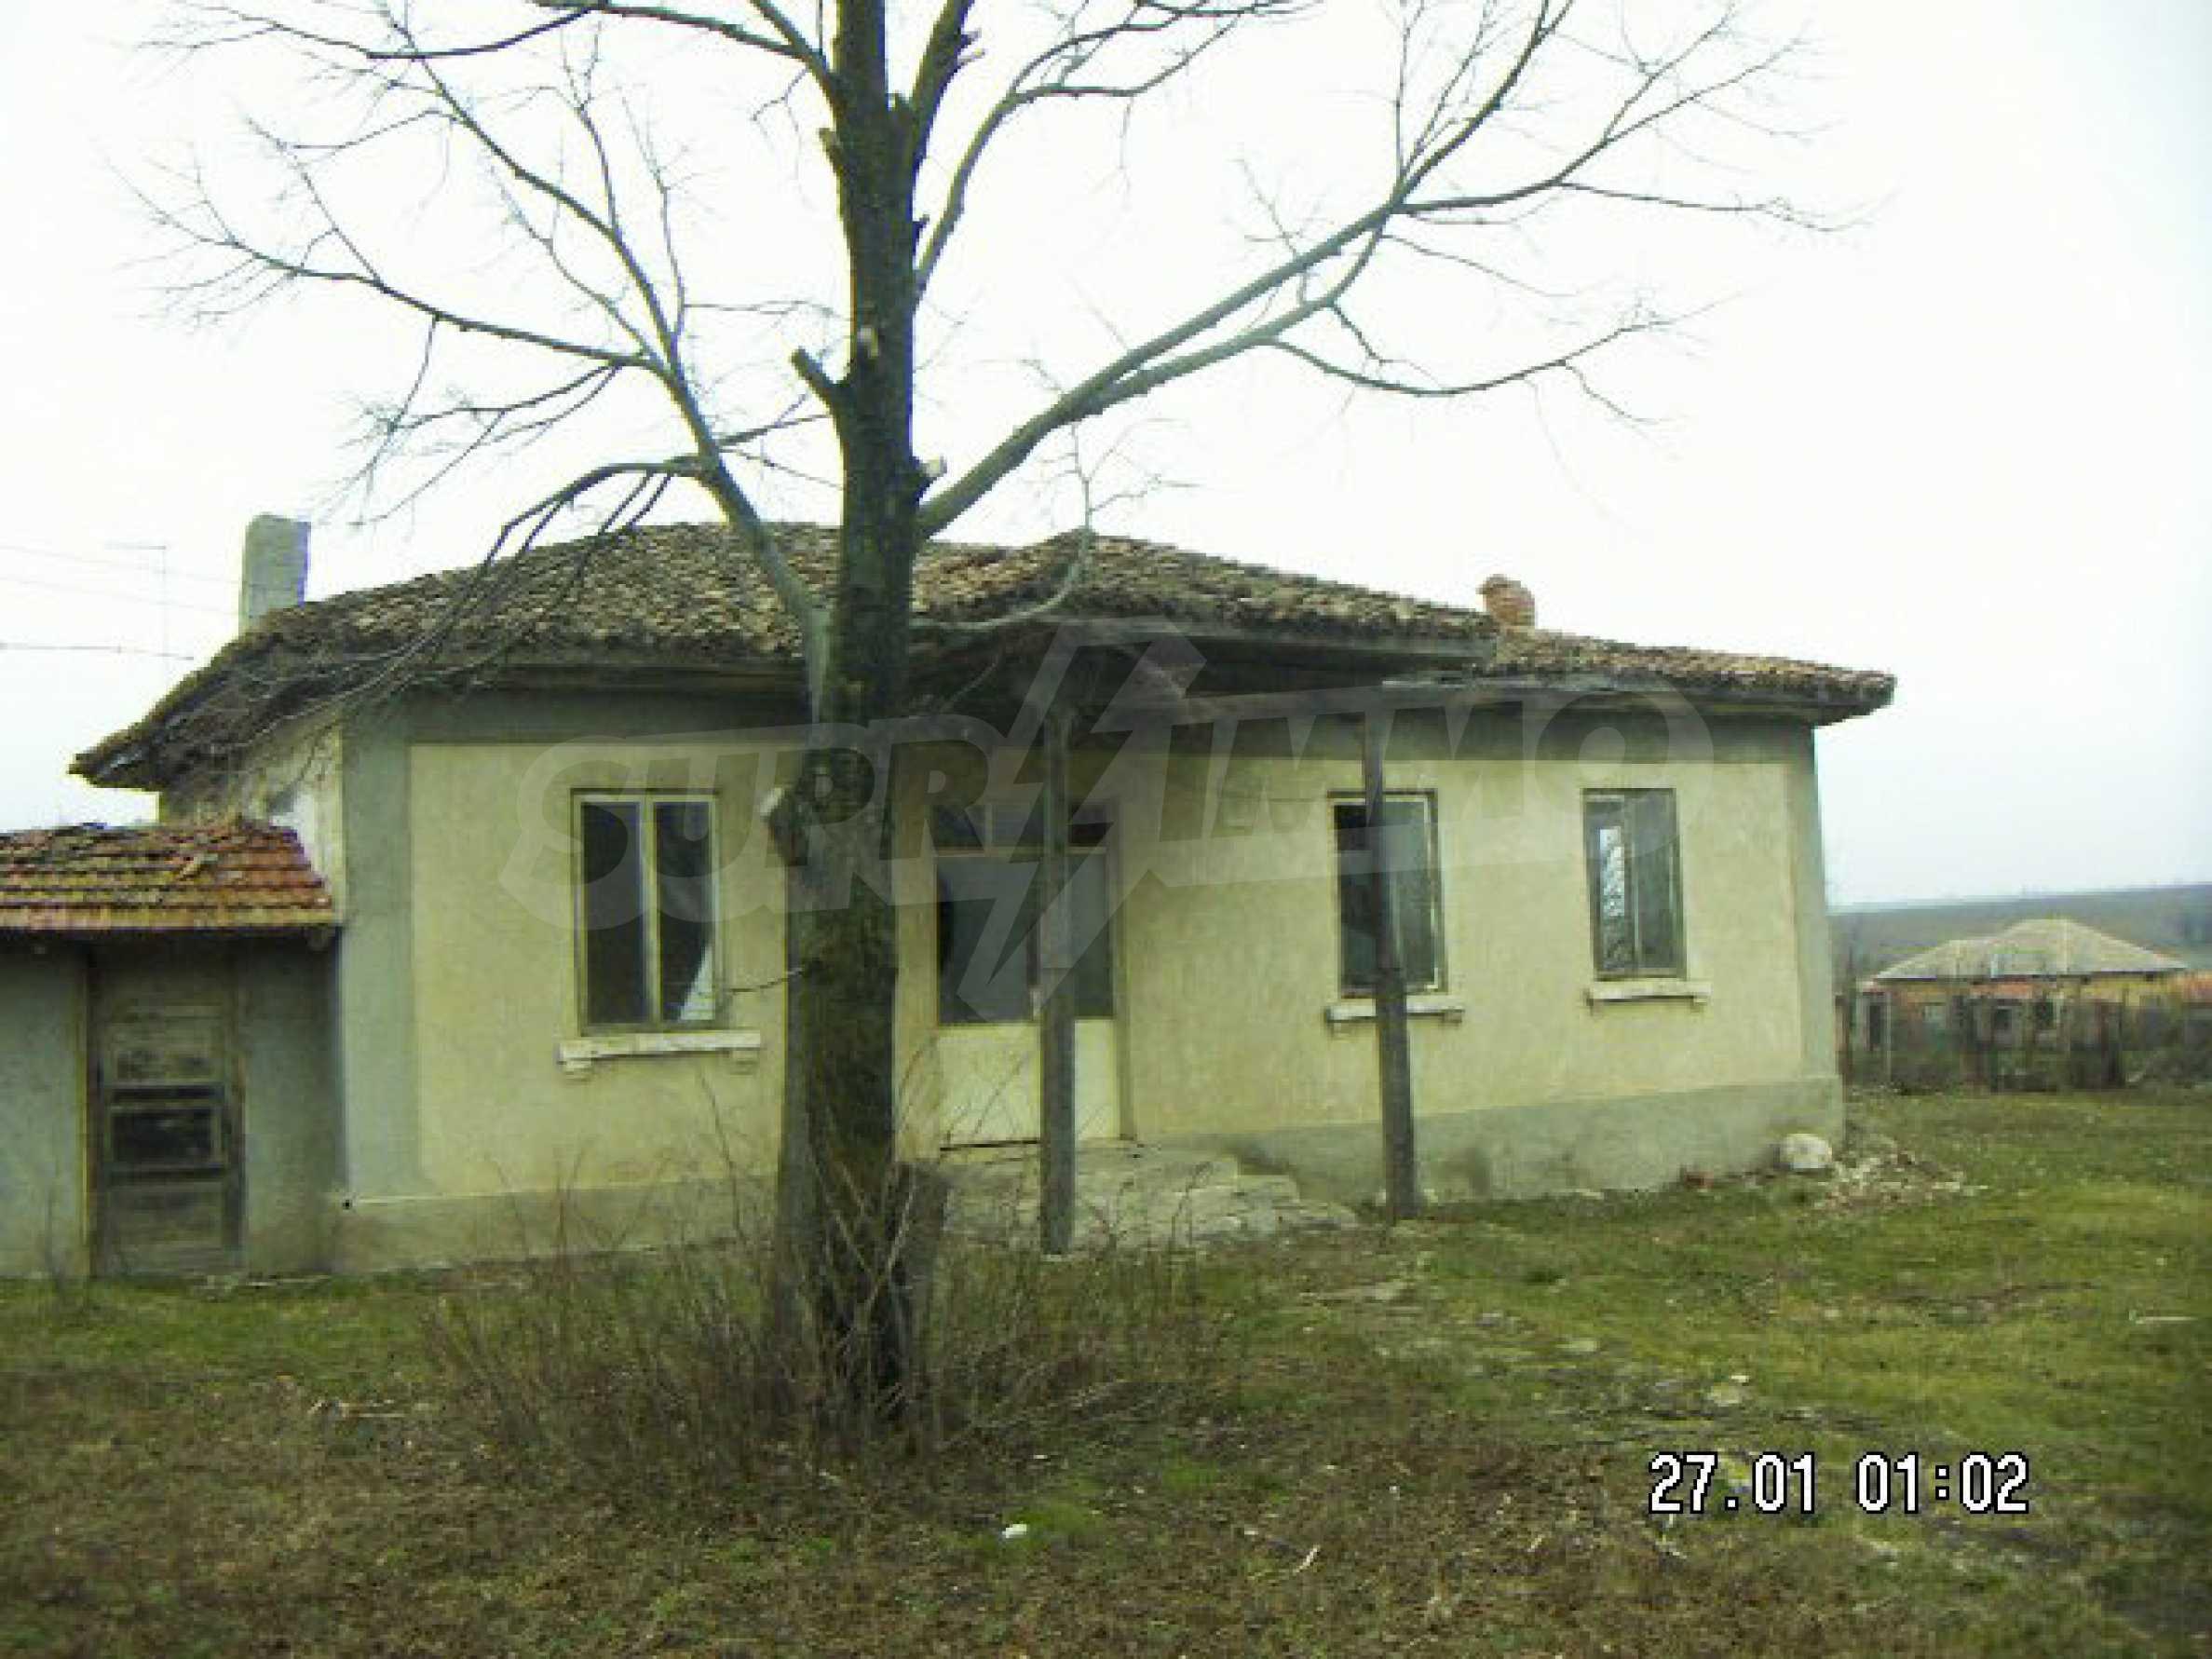 Stone-built house near Balchik